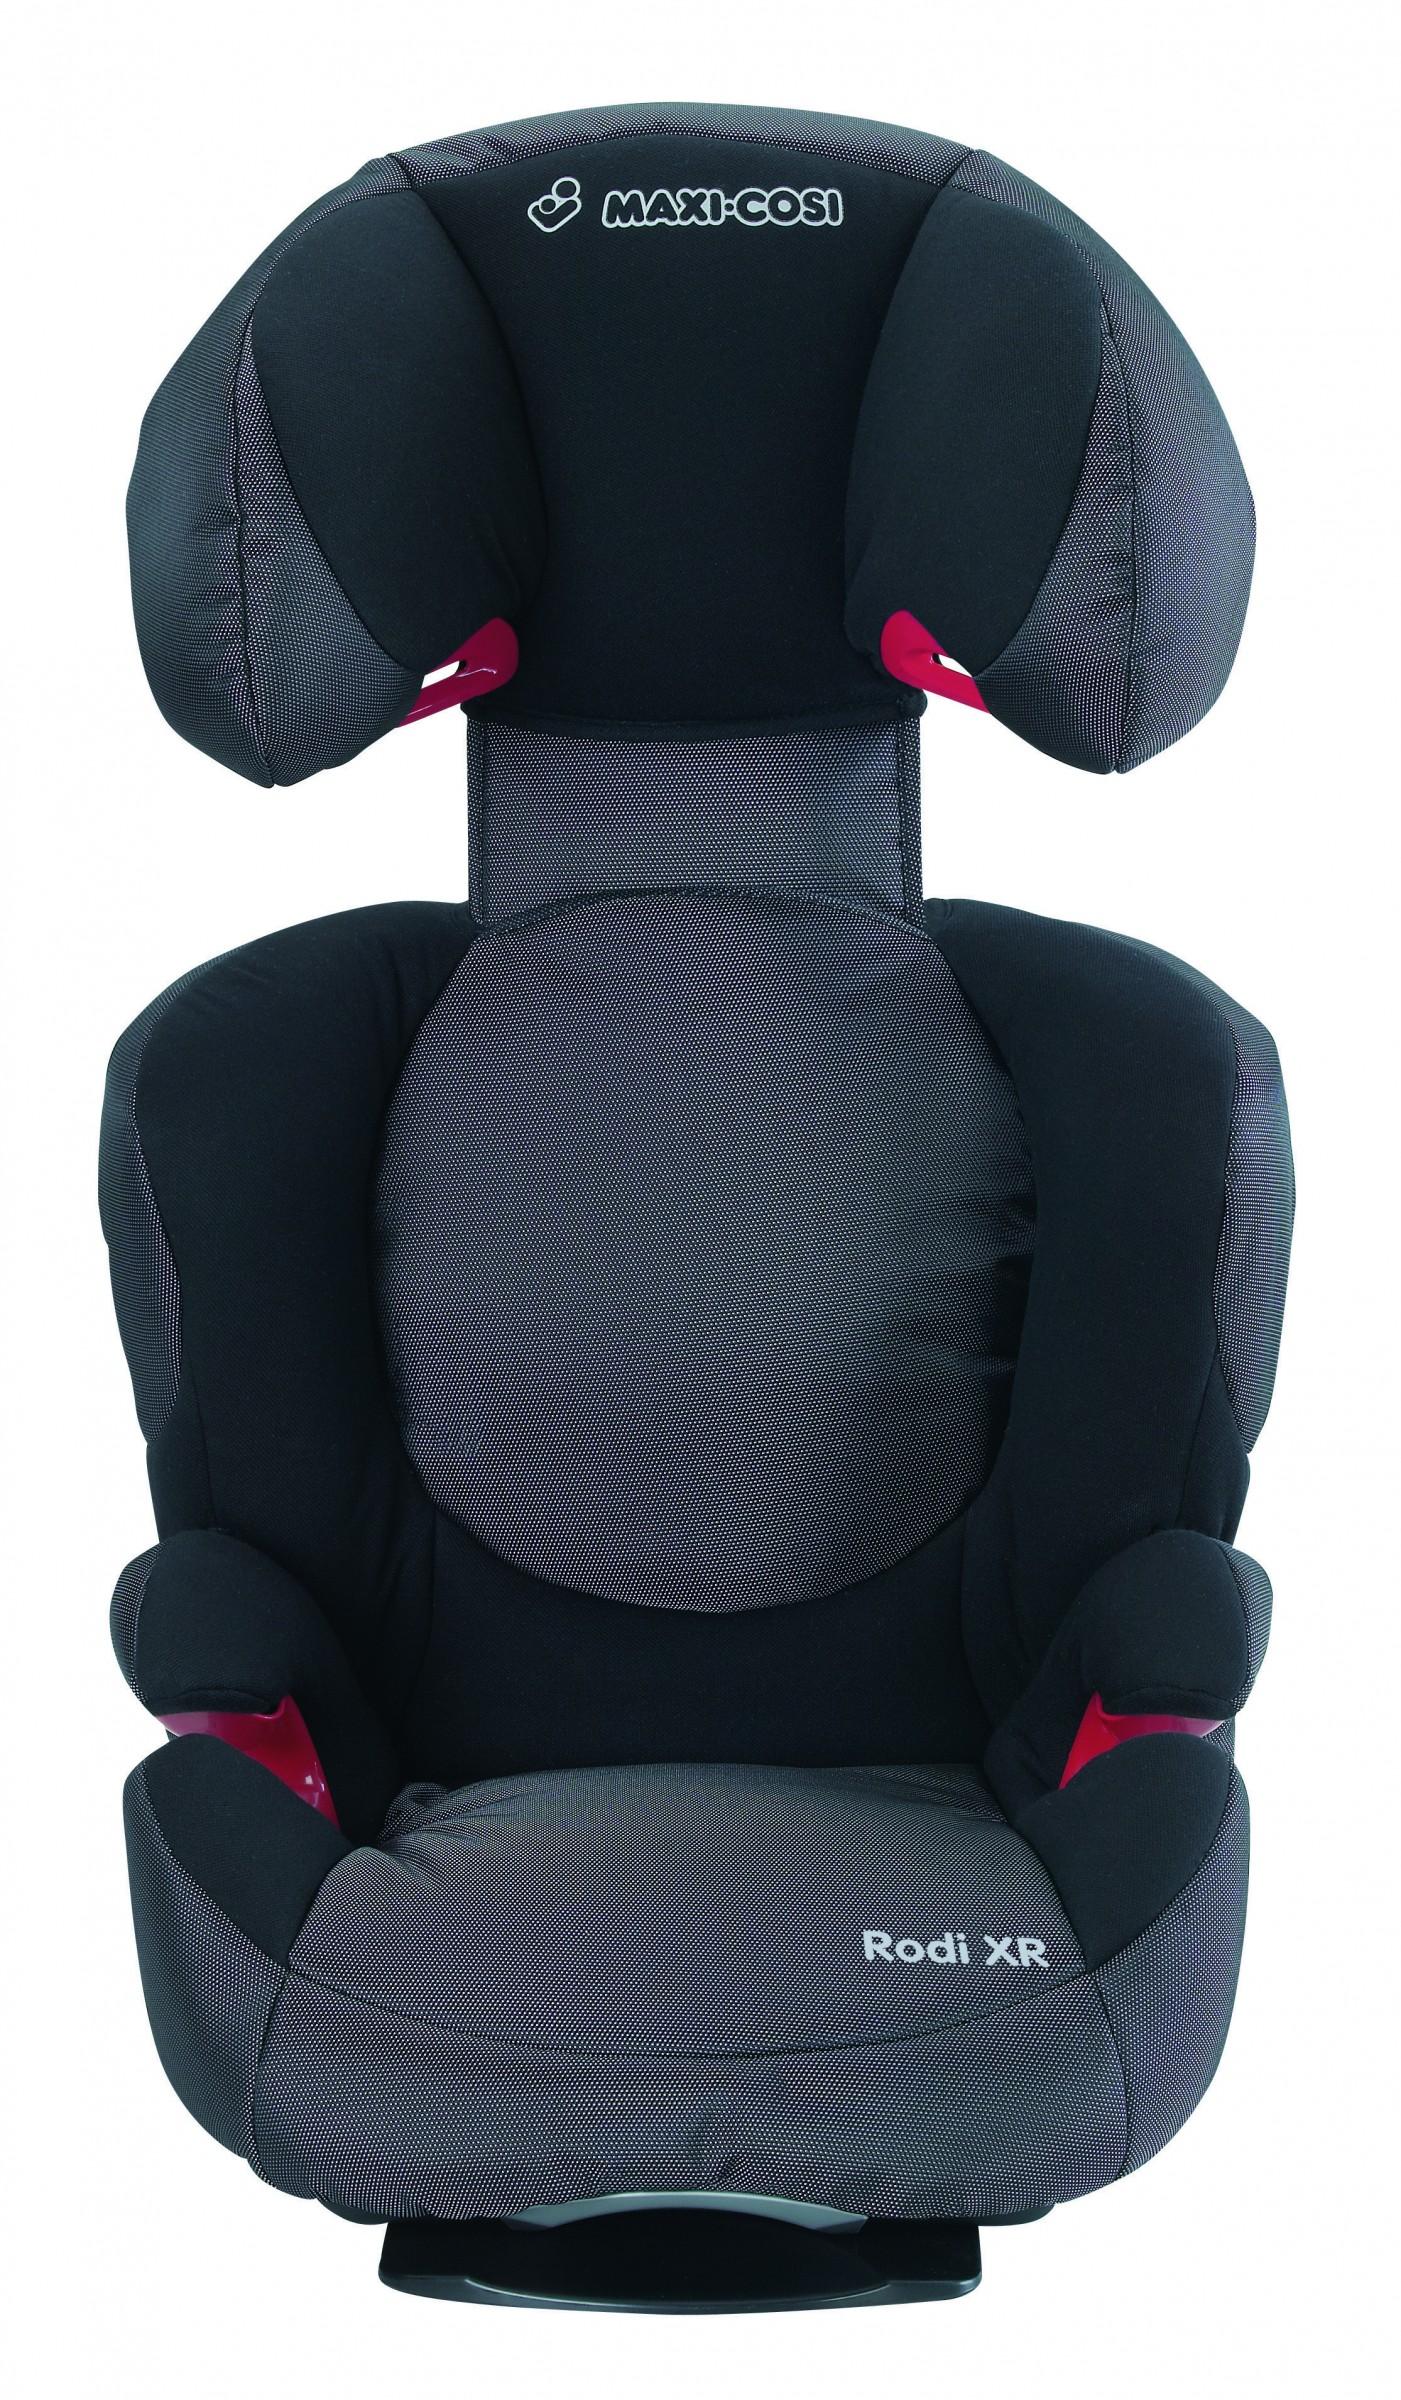 Maxi Cosi Rodi XR Black Reflection Kindersitz